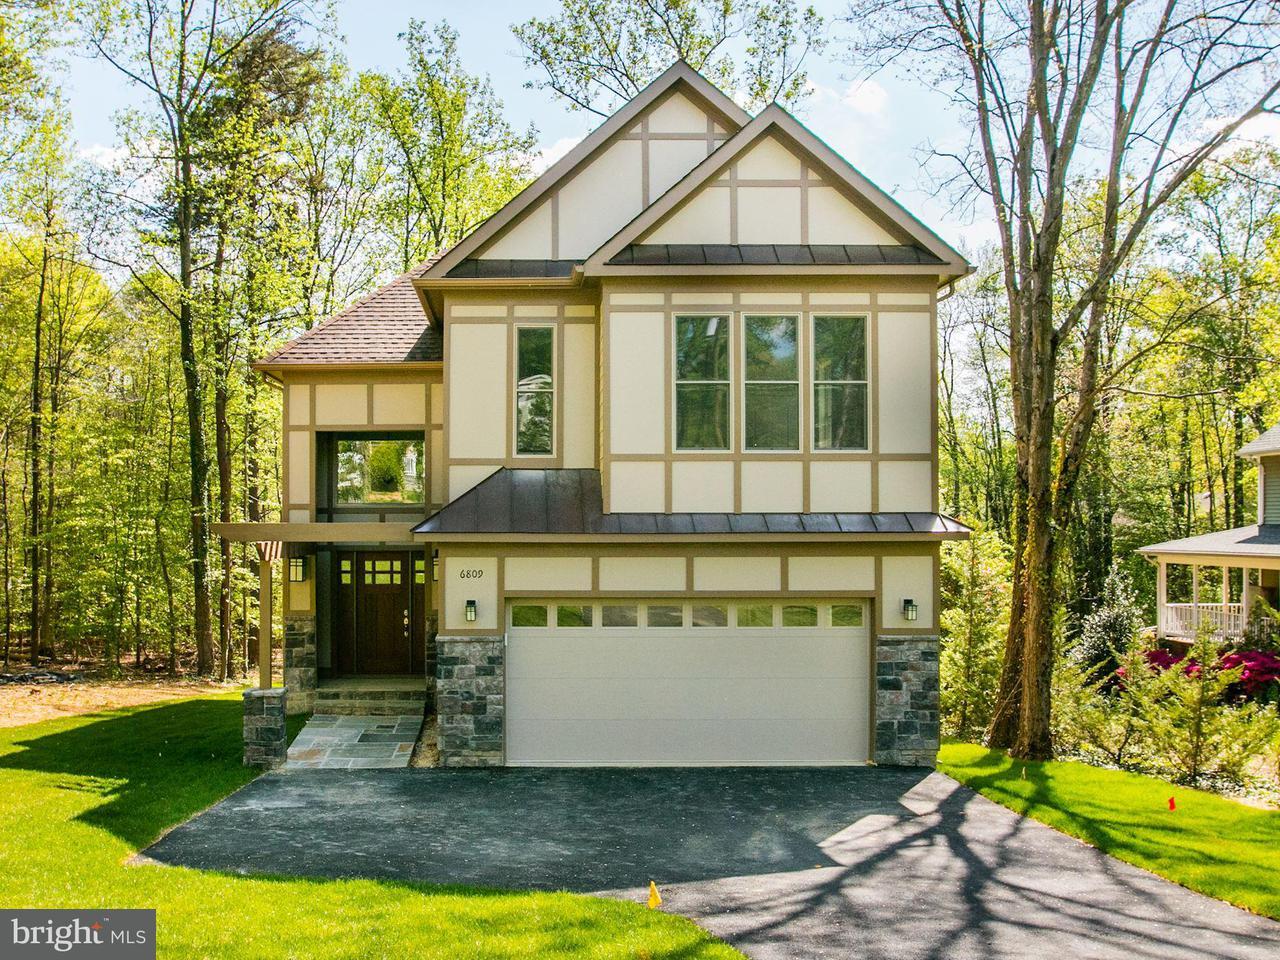 Частный односемейный дом для того Продажа на 6809 ALPINE Drive 6809 ALPINE Drive Annandale, Виргиния 22003 Соединенные Штаты